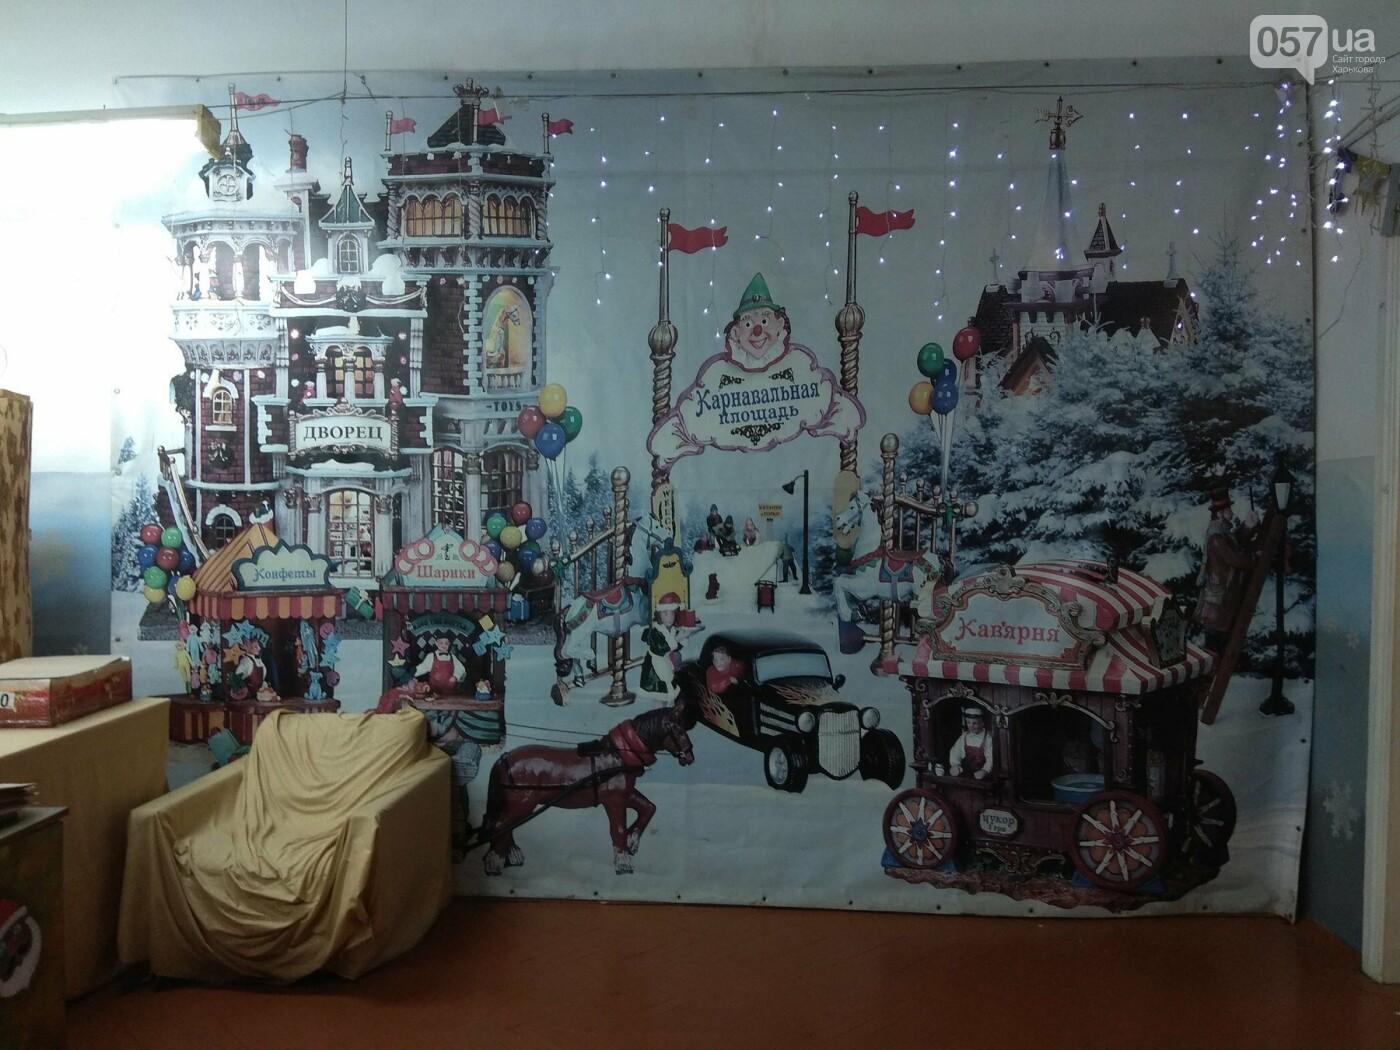 Фабрика елочных игрушек под Киевом. Куда харьковчане могут поехать на выходных, - ФОТО, фото-27